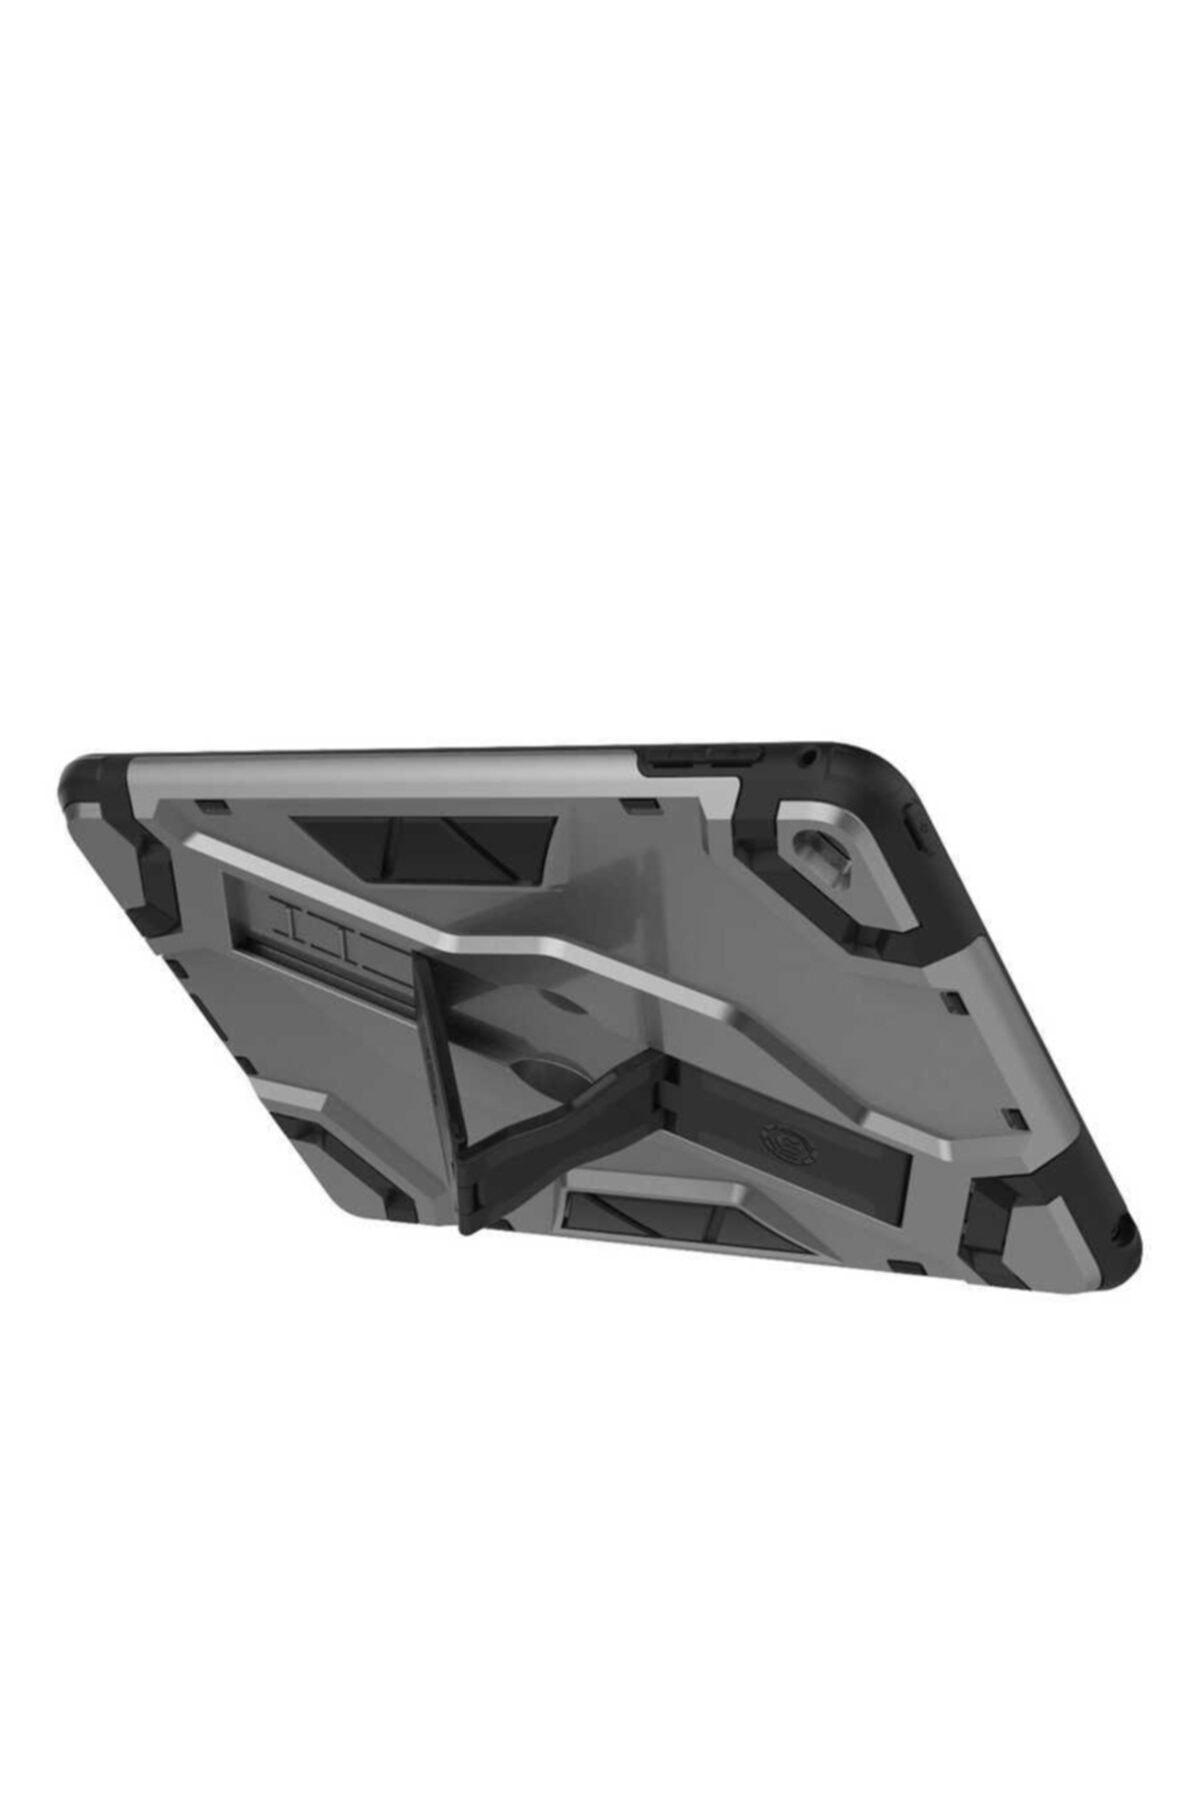 zore Apple Ipad Mini 5 Kılıf Tank Zırhlı Standlı Korumalı Metalik Kapak 2